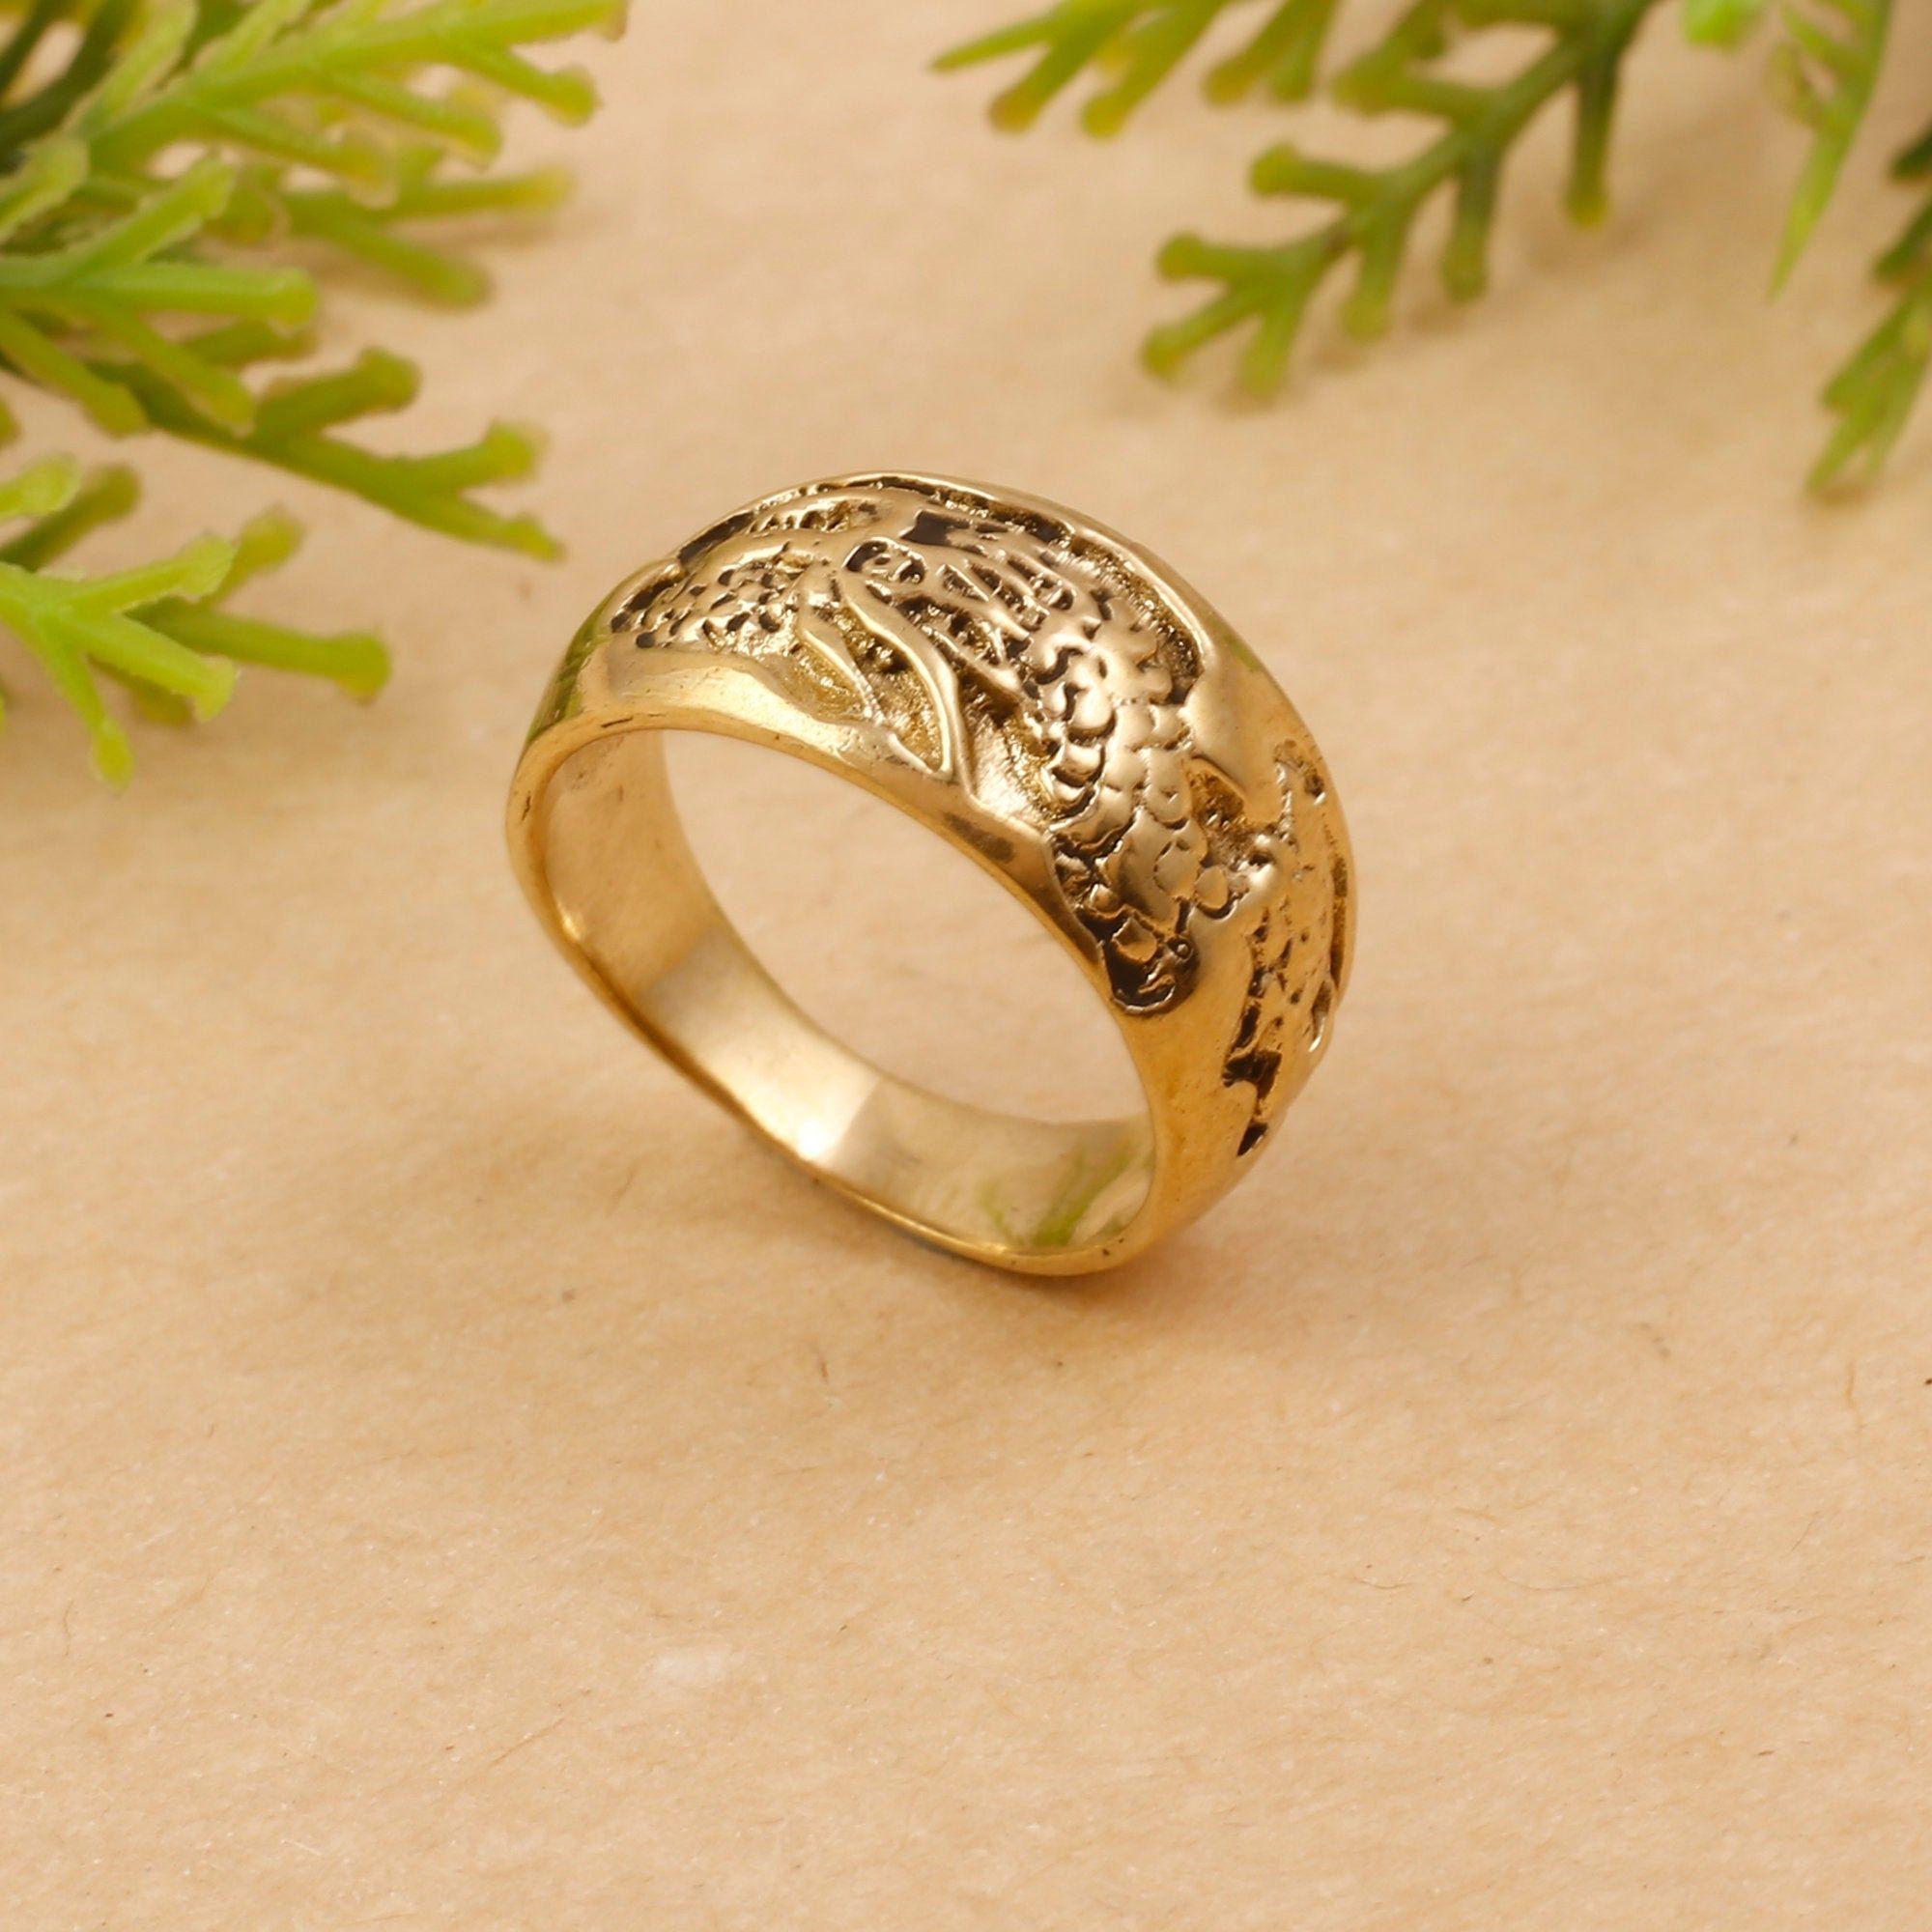 gold ring dragon design game